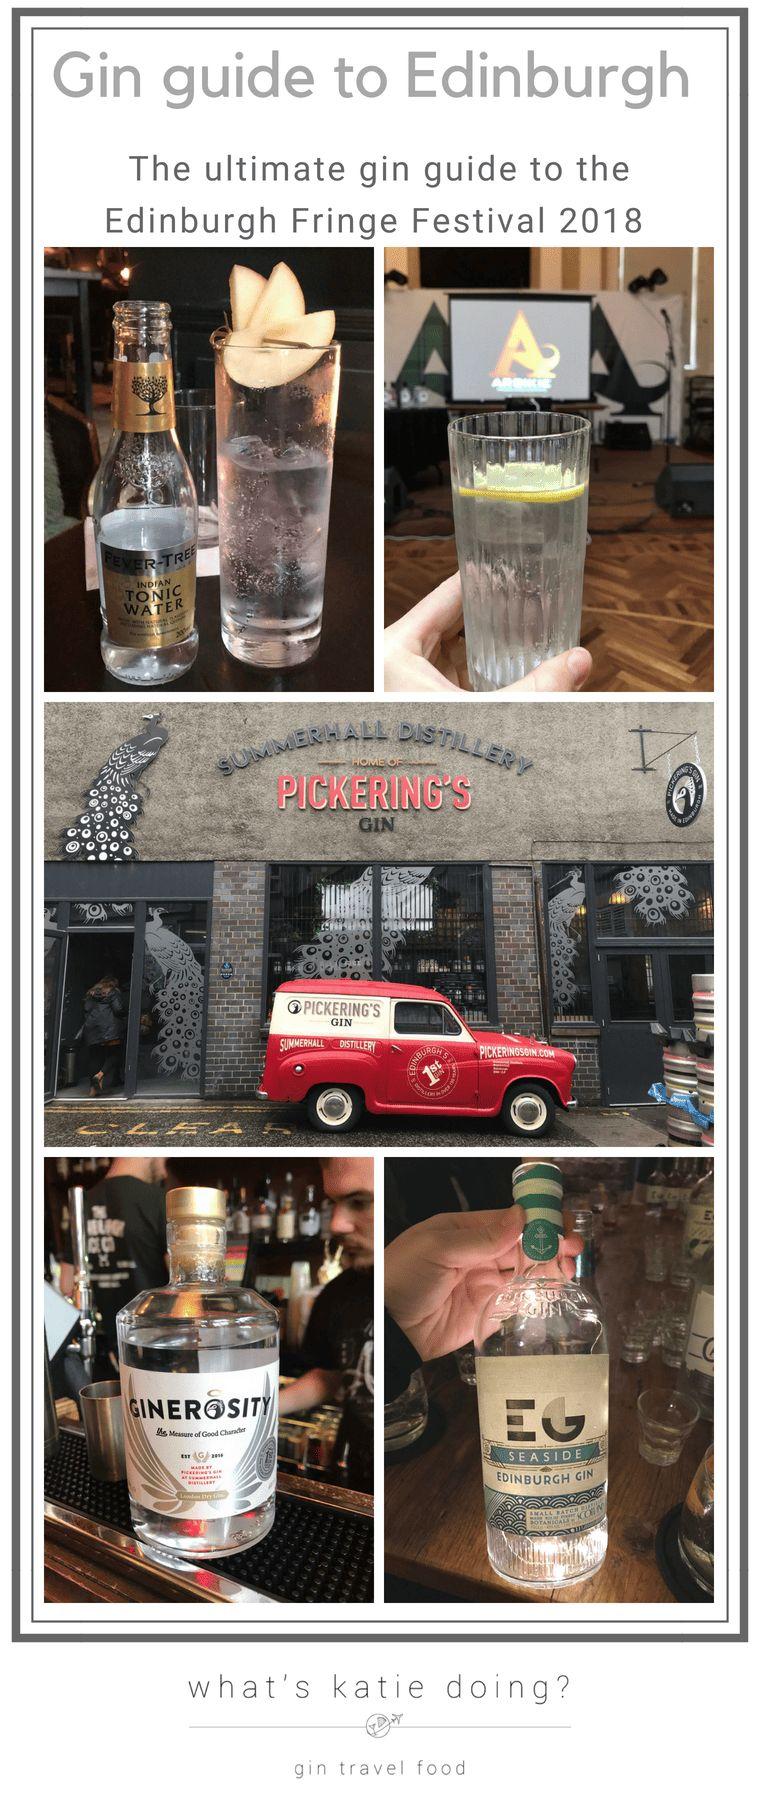 Gin guide to the Edinburgh Fringe Festival 2018